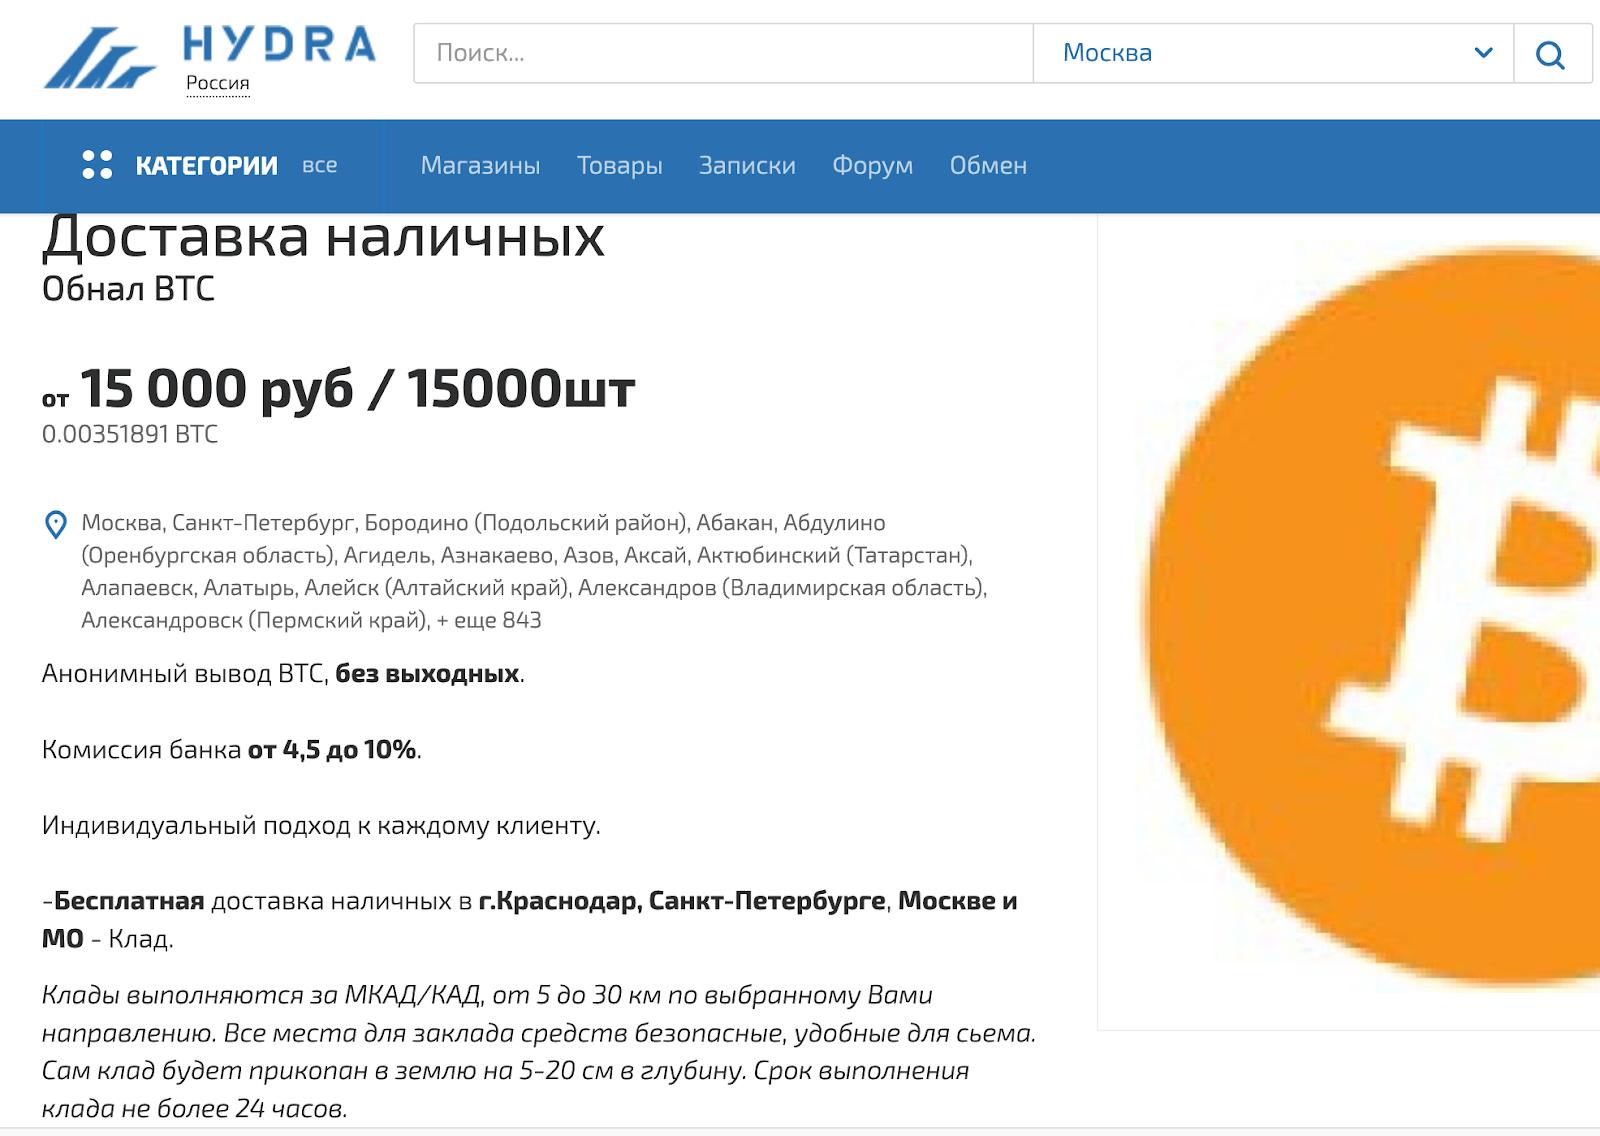 Elliptic: «на рынке даркнета Hydra предлагают обналичить BTC с помощью тайников под землей»